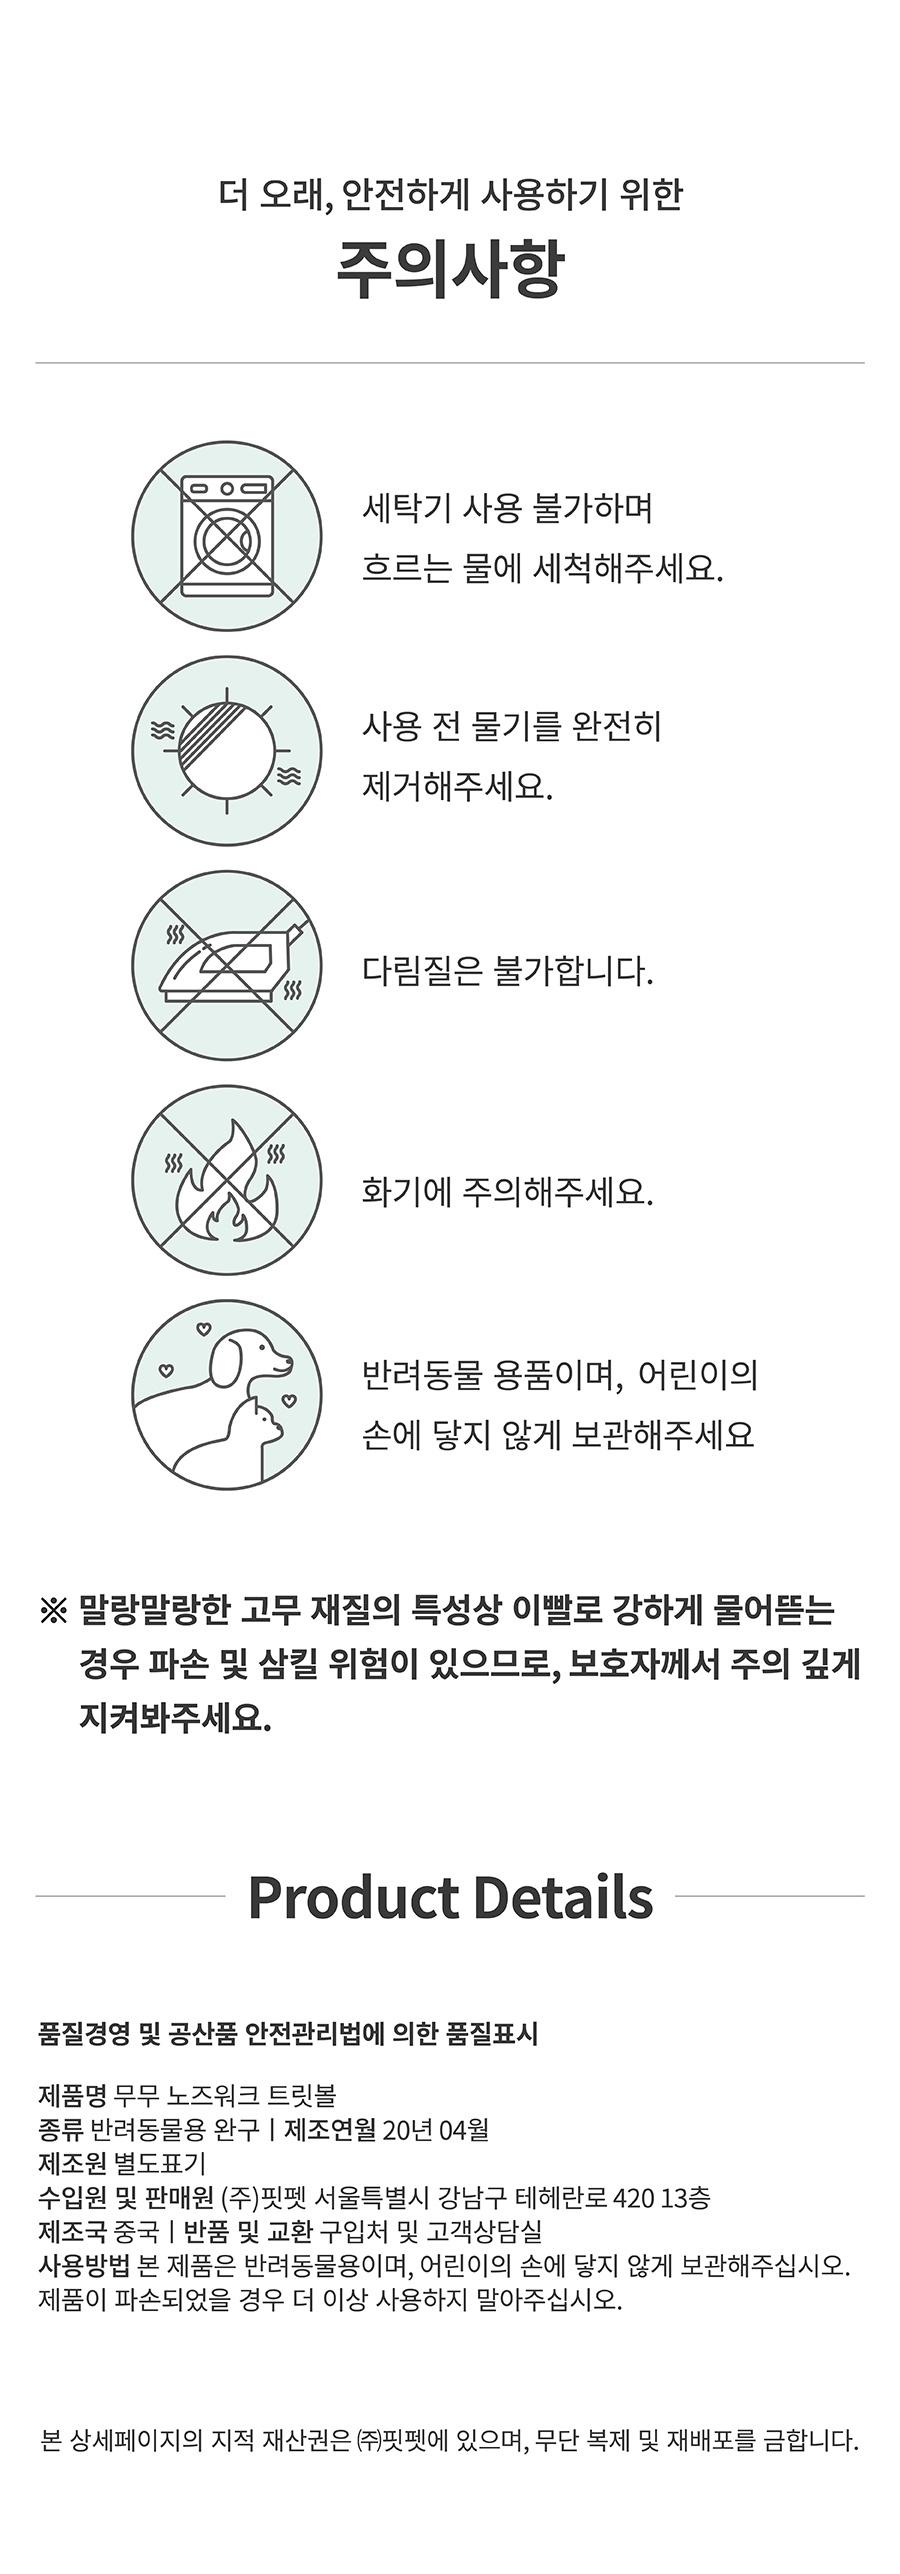 무무 장난감 모음 강아지 장난감 노즈워크 매트 강아지 놀이-상품이미지-8